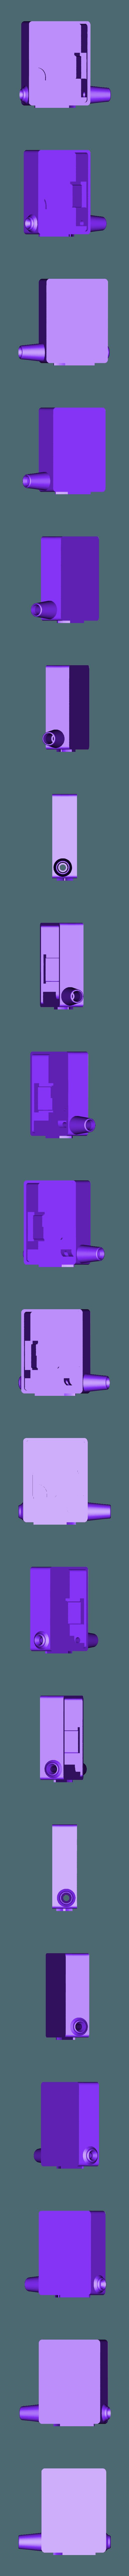 Filament_sensor.stl Télécharger fichier STL gratuit Capteur à filament • Design à imprimer en 3D, jeek25